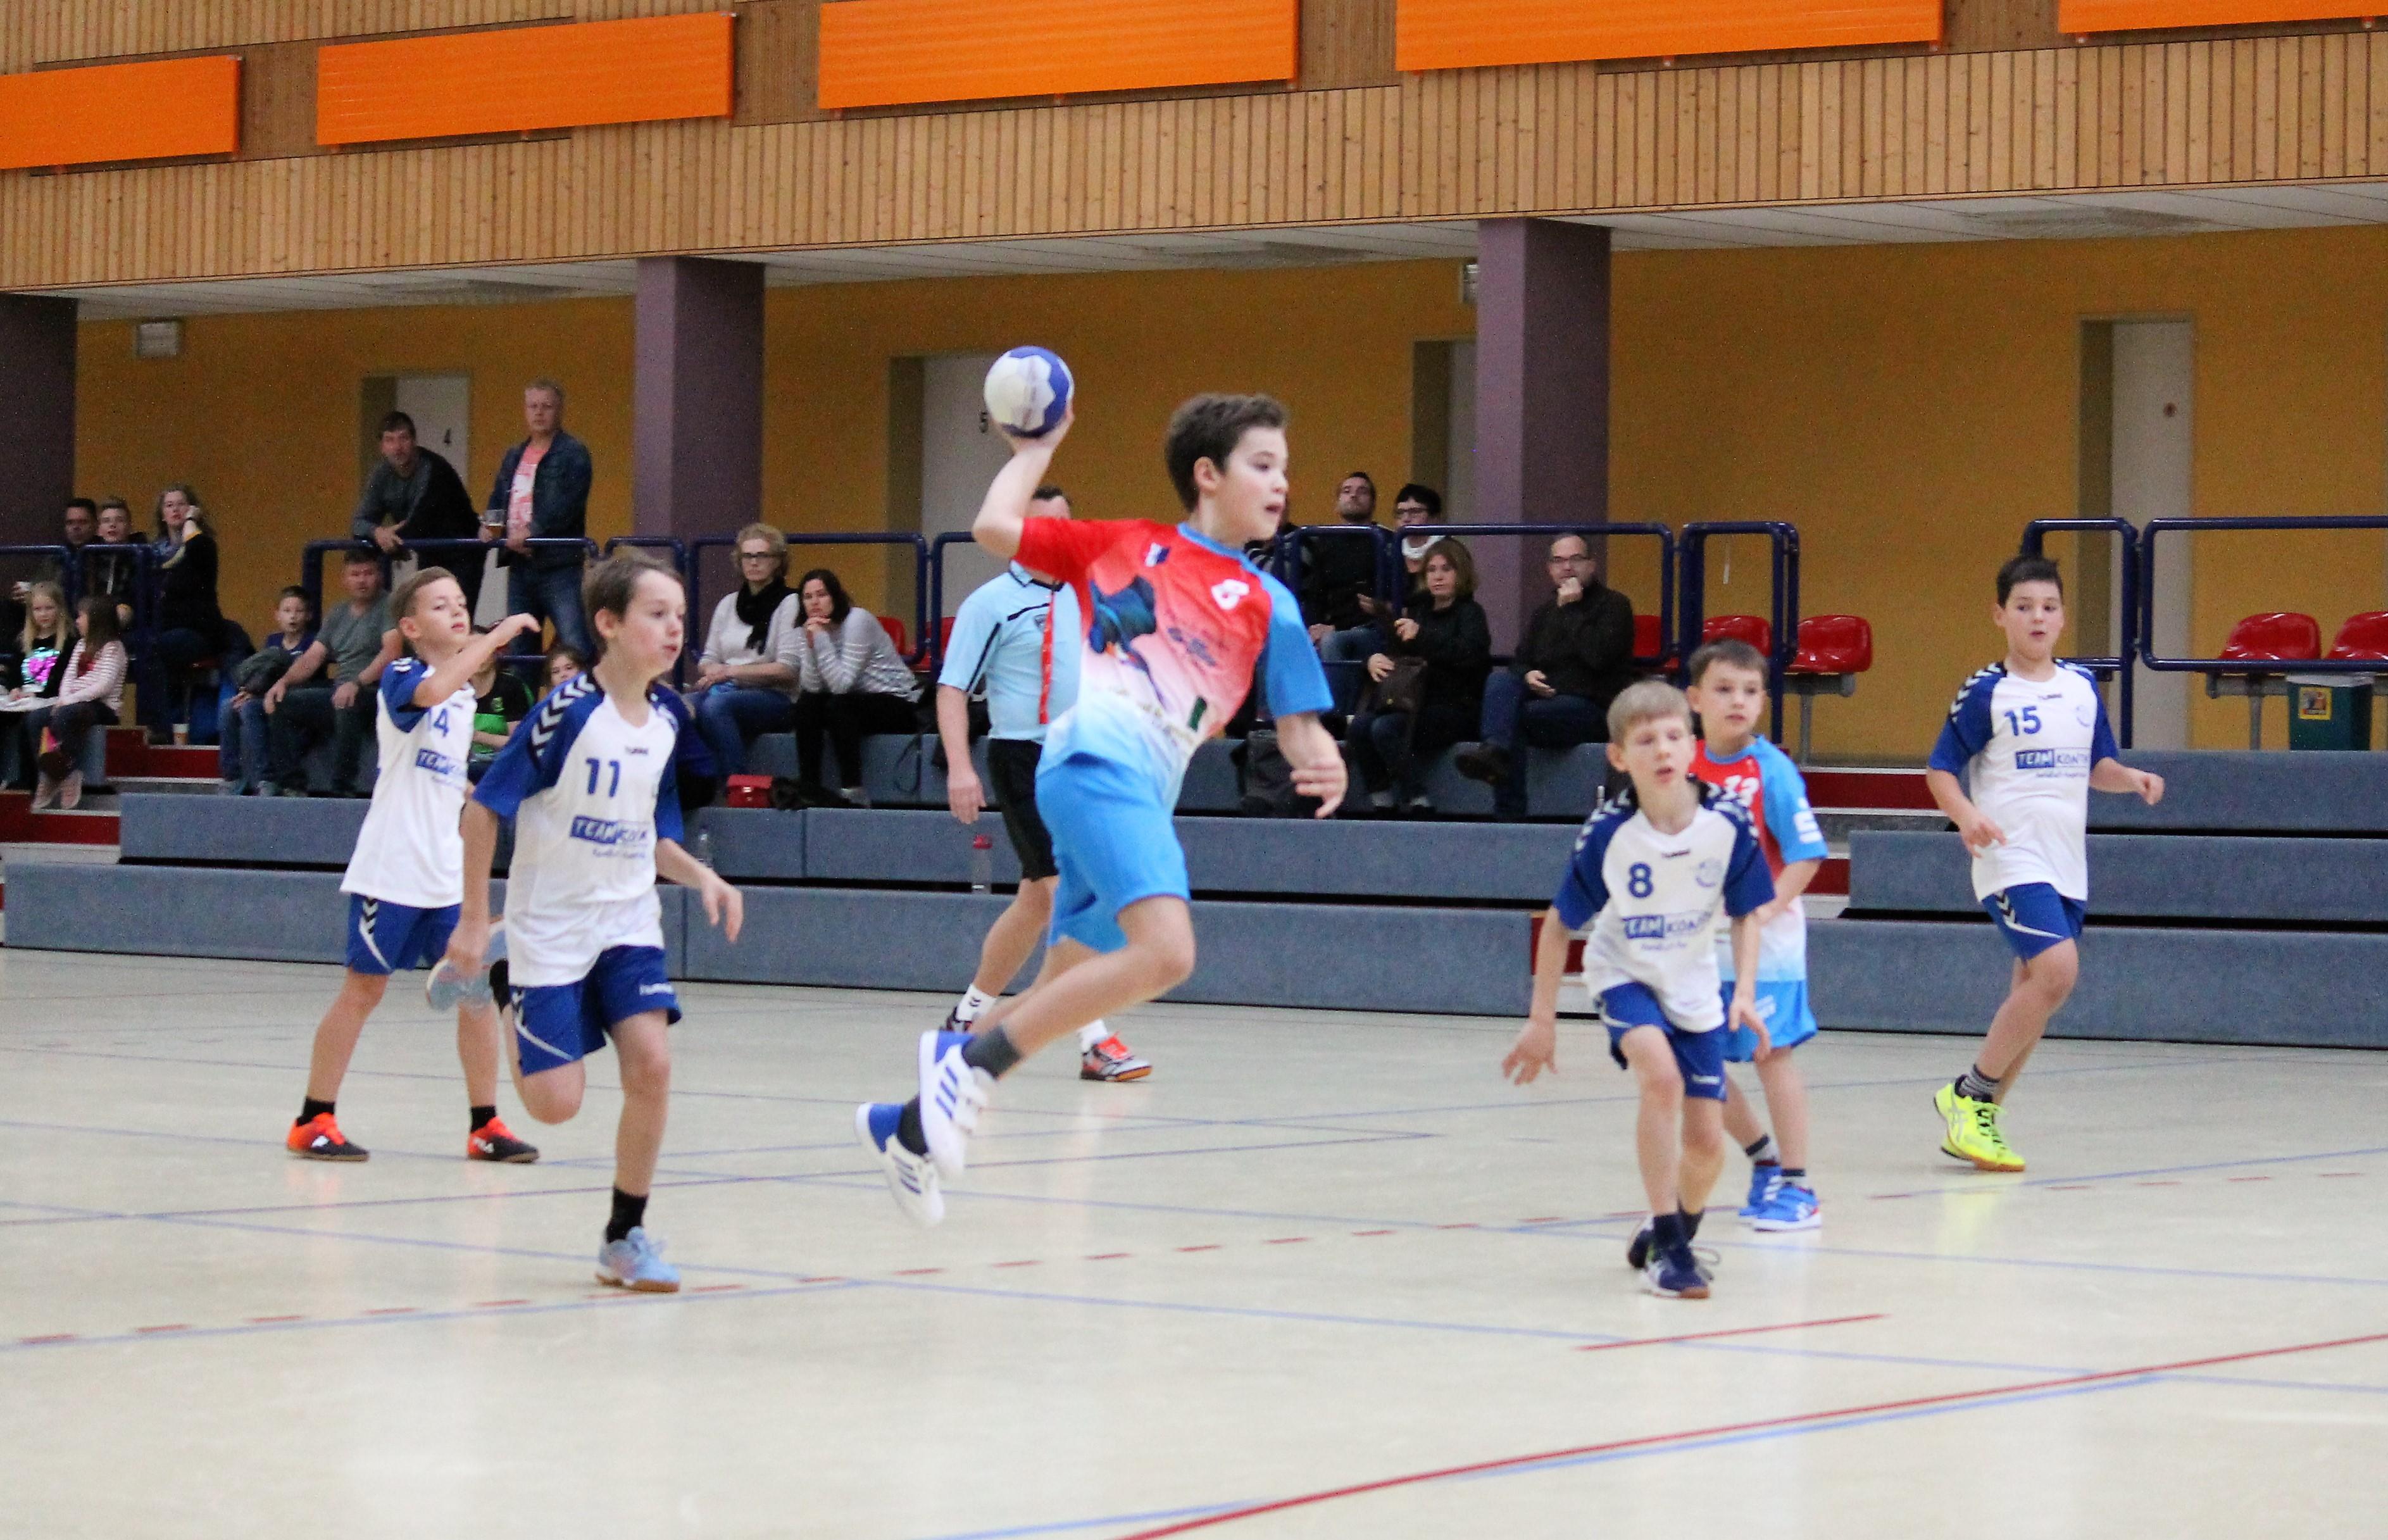 Fotos mE gegen HSV Oberhavel